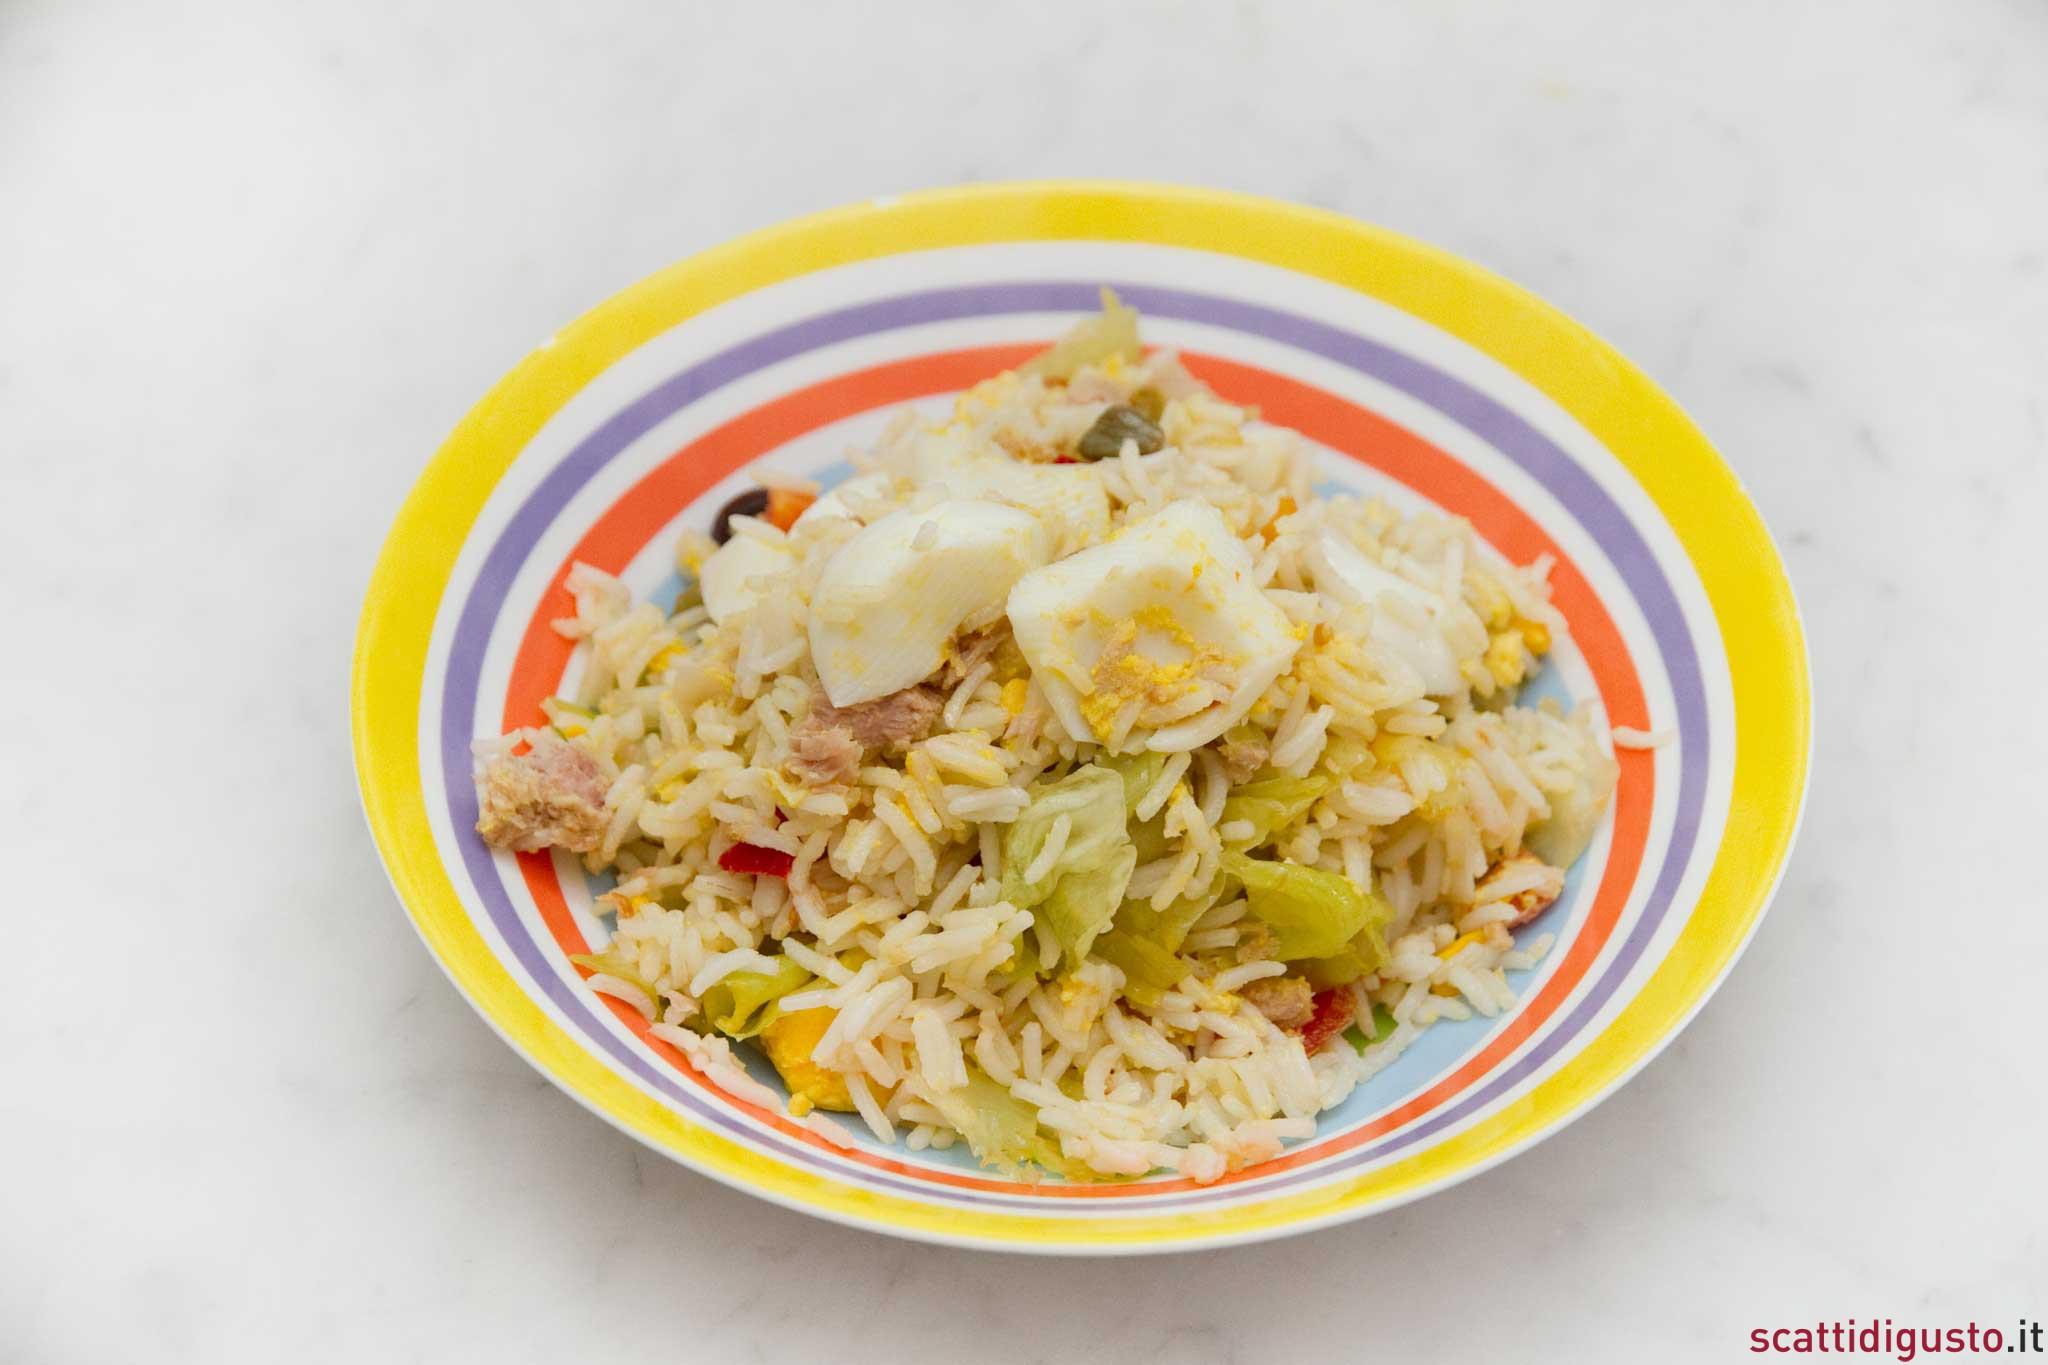 imenu di ferragosto in spiaggia: insalata di riso